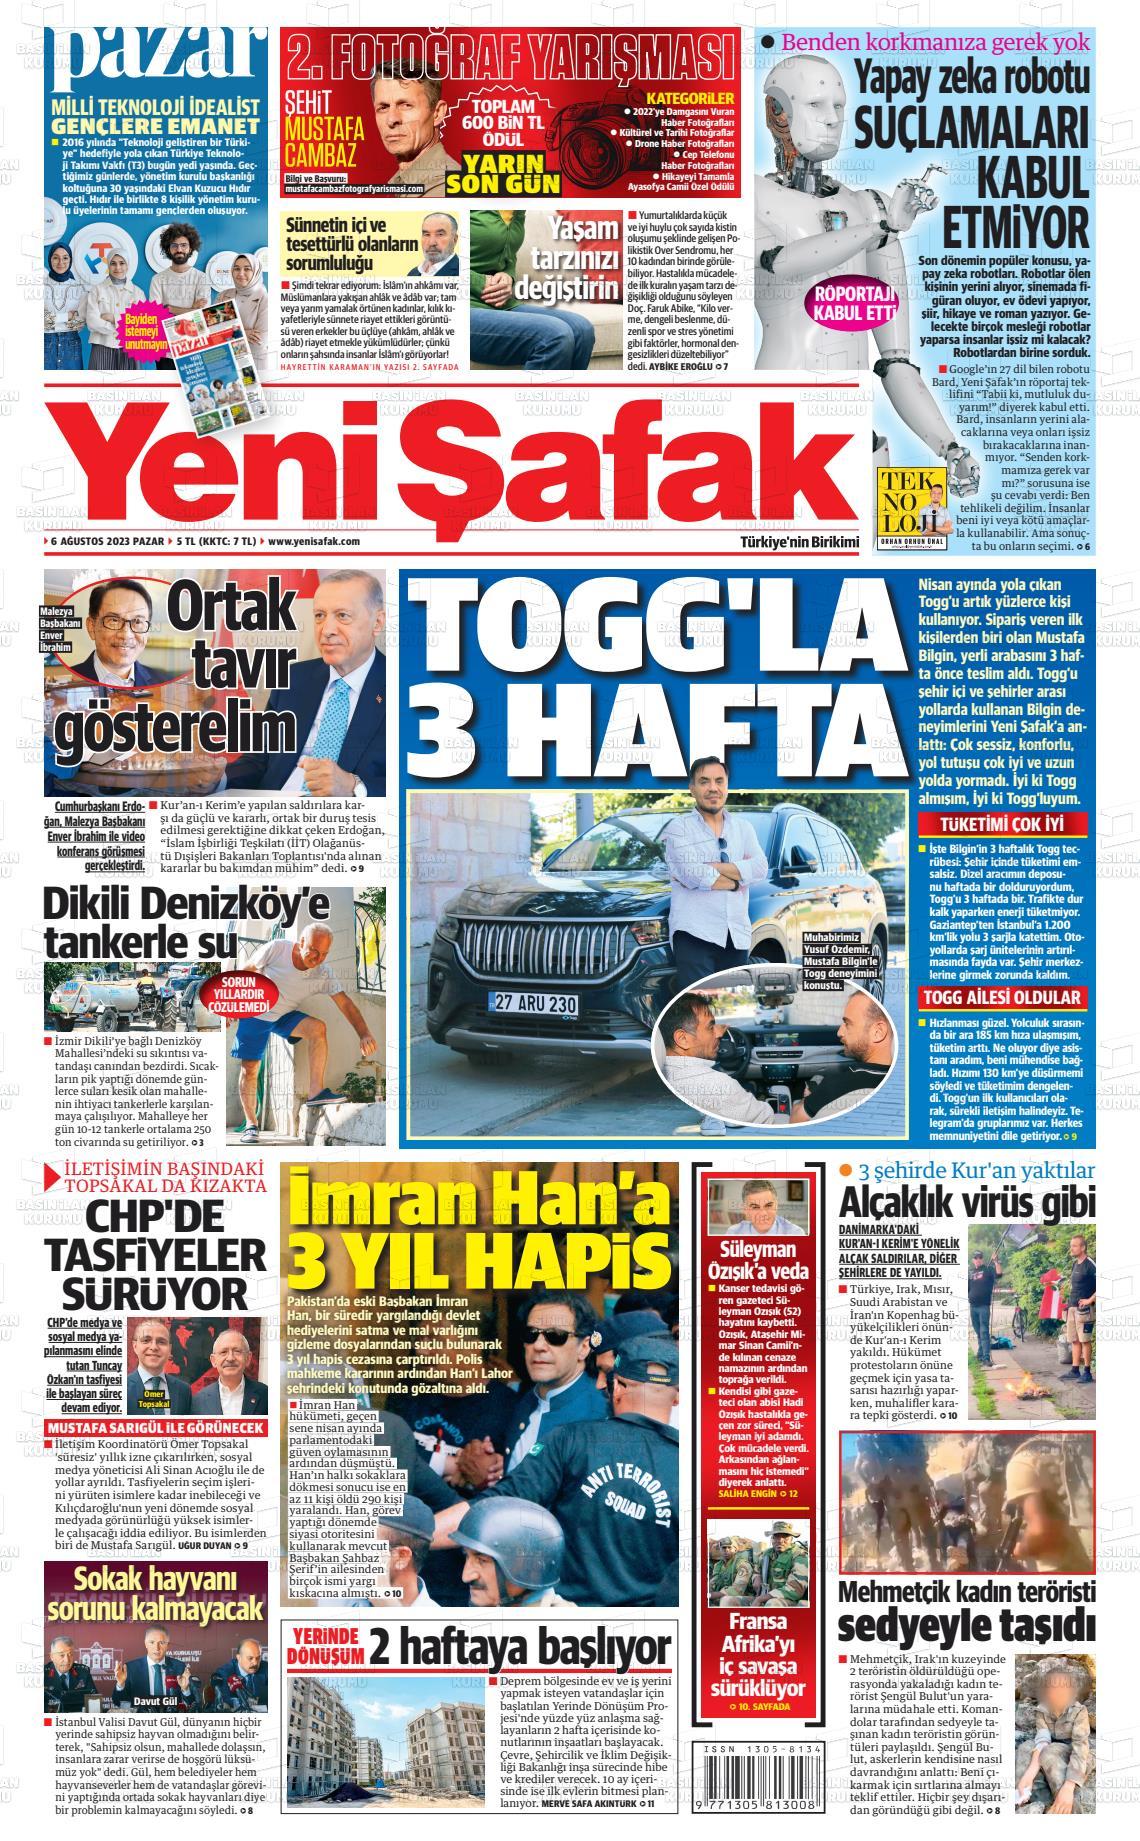 23 Eylül 2020, Çarşamba yenisafak Gazetesi